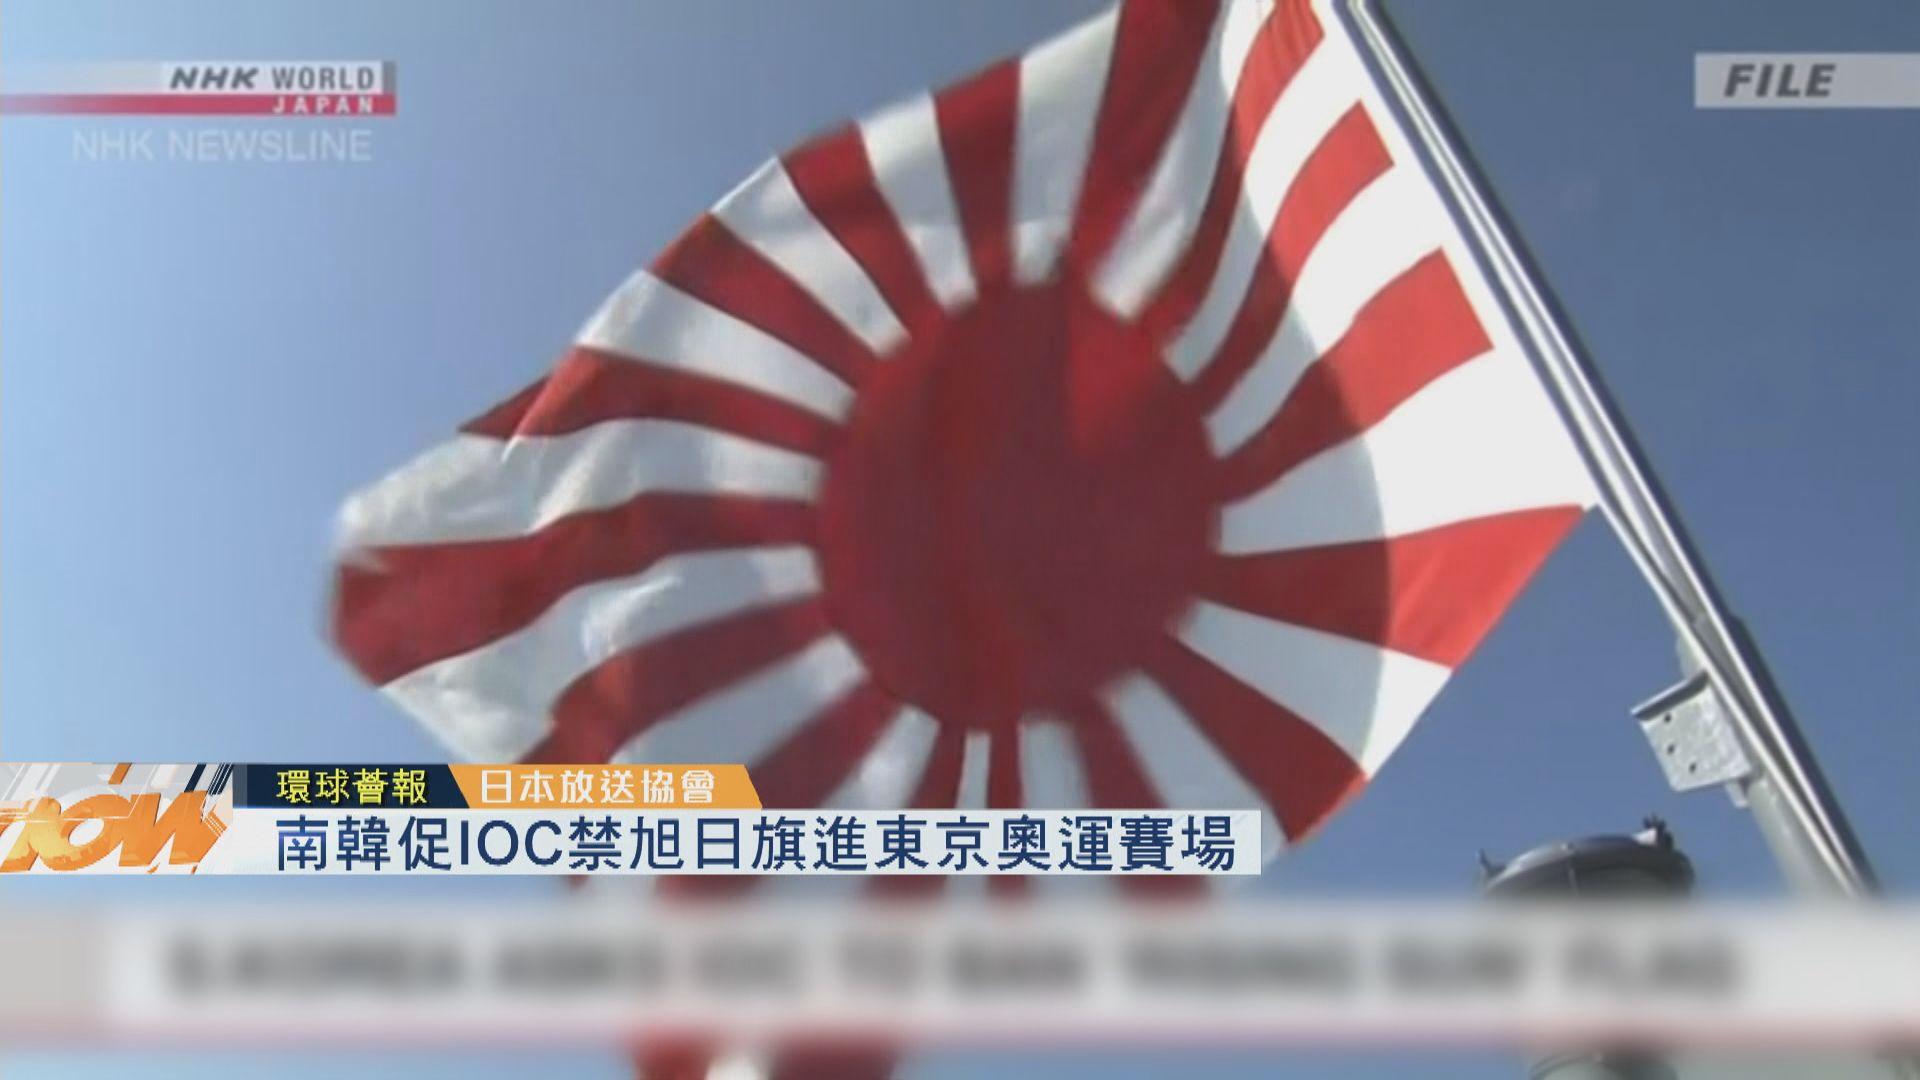 【環球薈報】南韓促奧委會禁旭日旗進東京奧運賽場